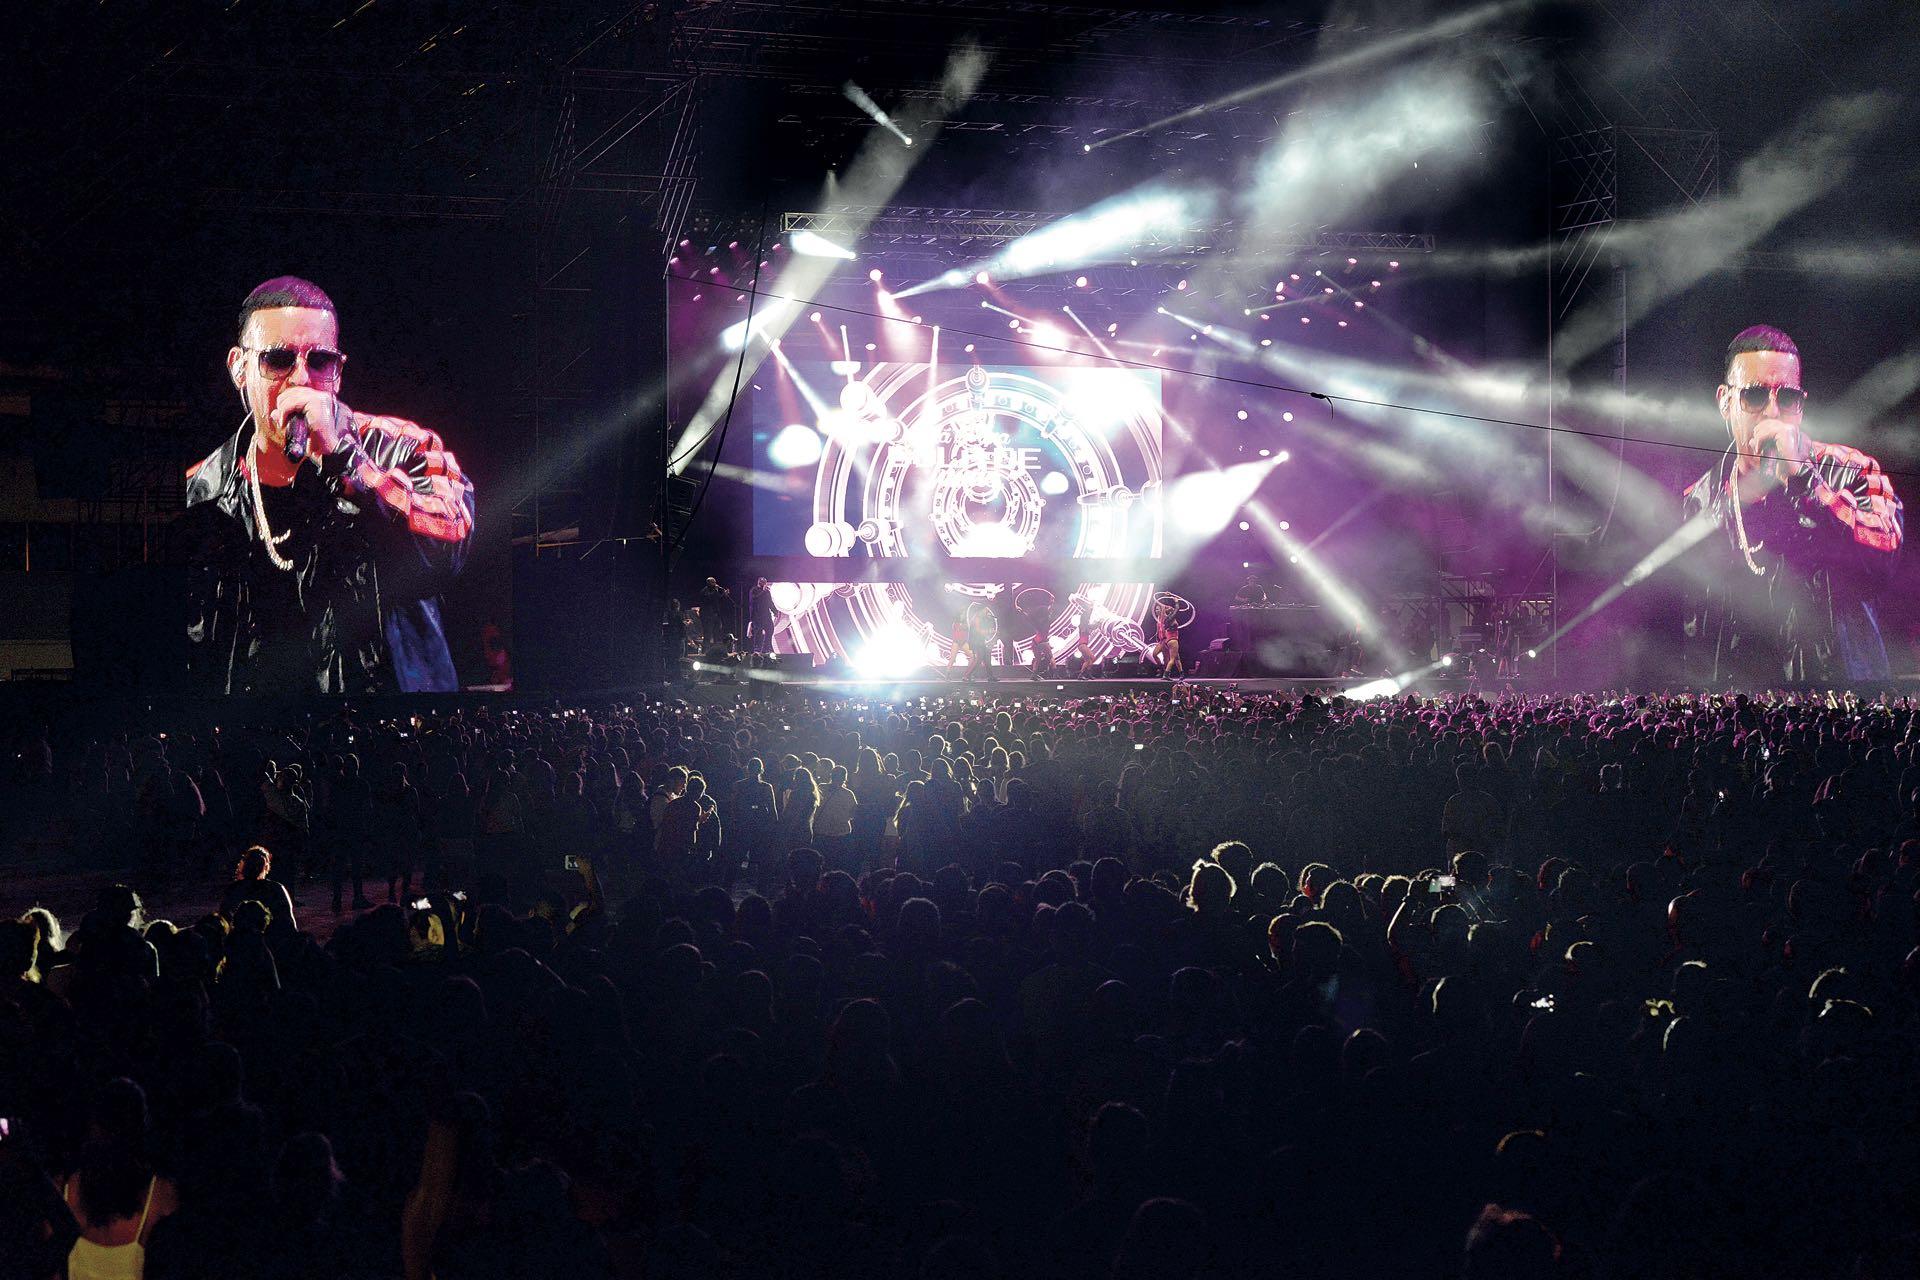 Daddy Yankee hizo vibrar a todos con un surtido de sus hits, como Dura, Gasolina, Despacito y Shaky Shaky. (Fotos Diego Soldini/GENTE y Sergio Santillán/Fénix)